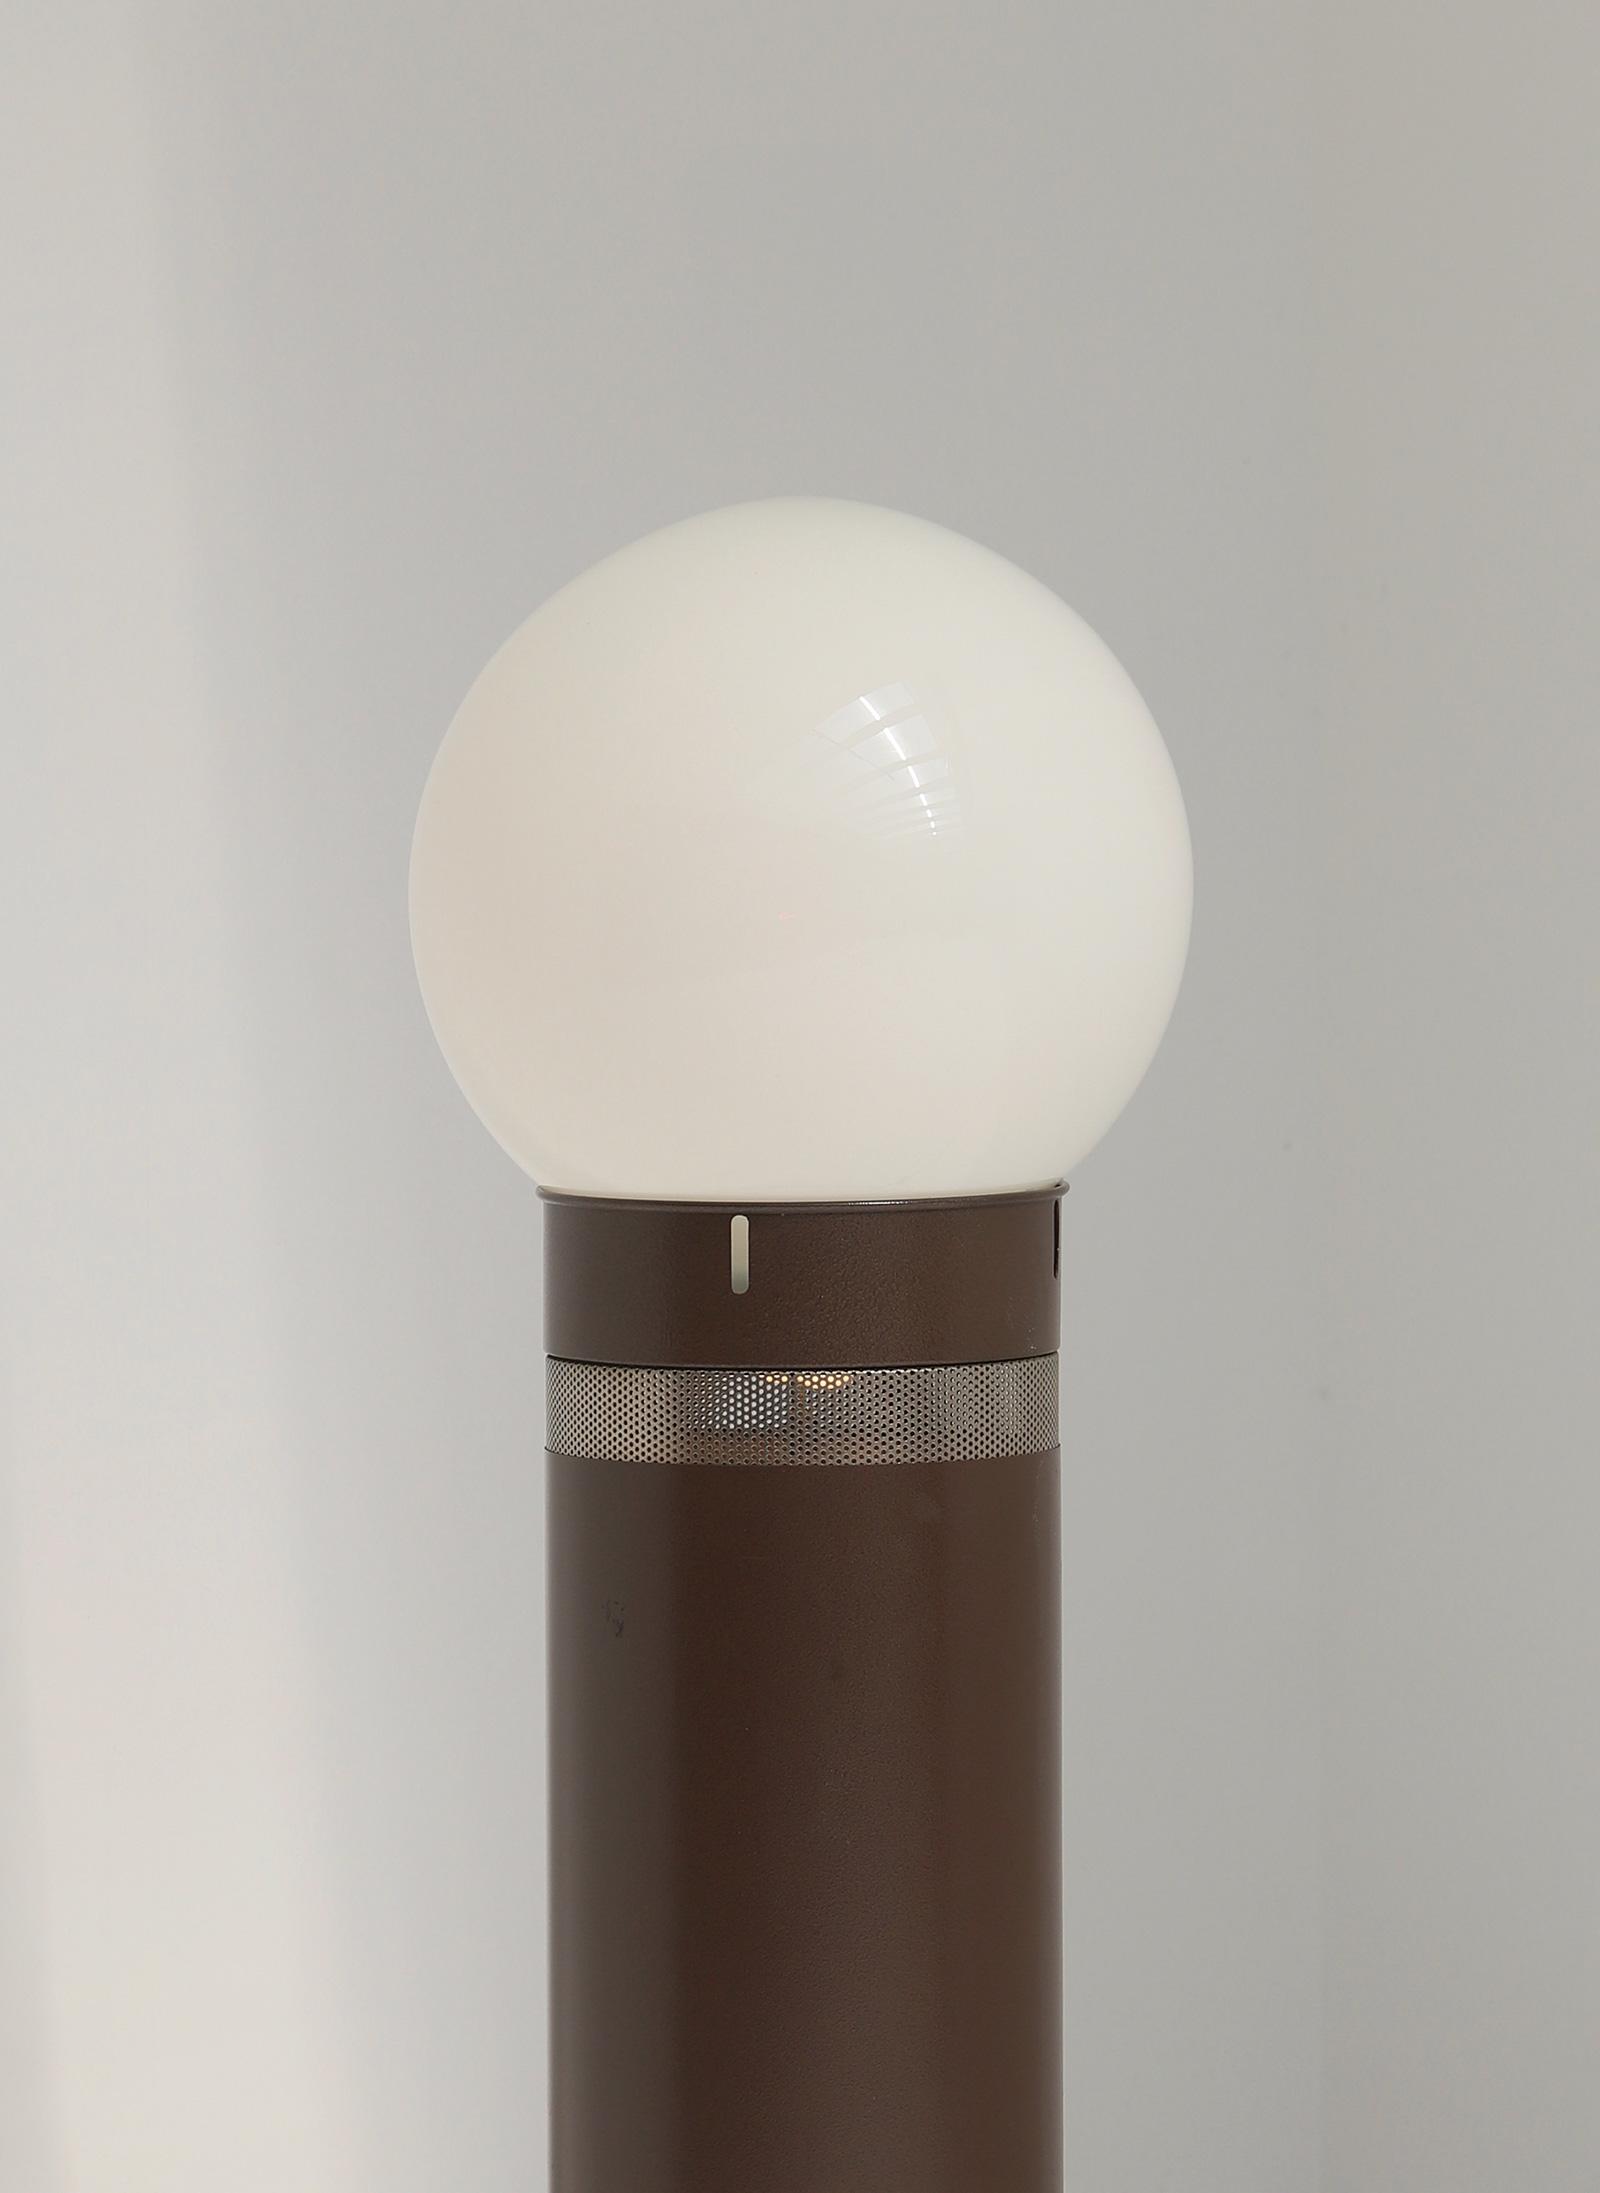 Gae Aulenti Oracle floor lamp for Artemideimage 2